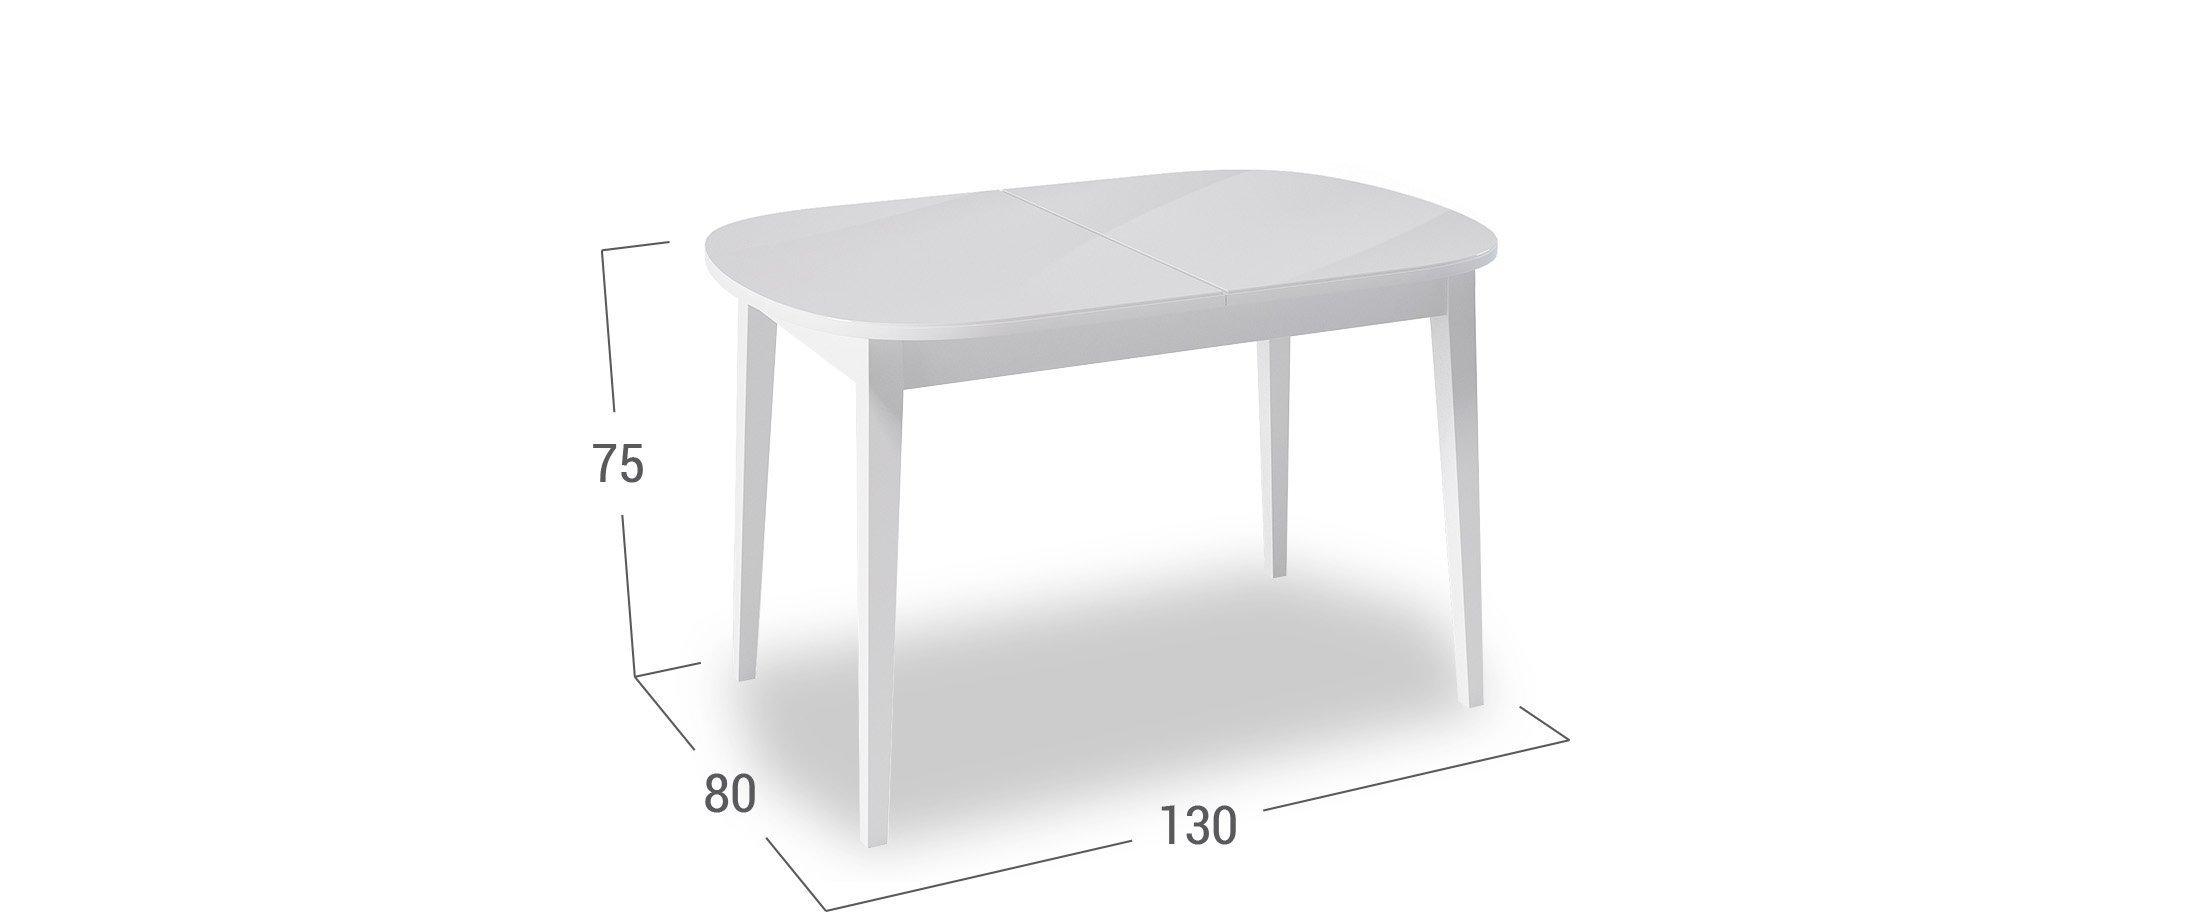 Купить Стол обеденный Kenner 1300M Модель 370, MOON TRADE